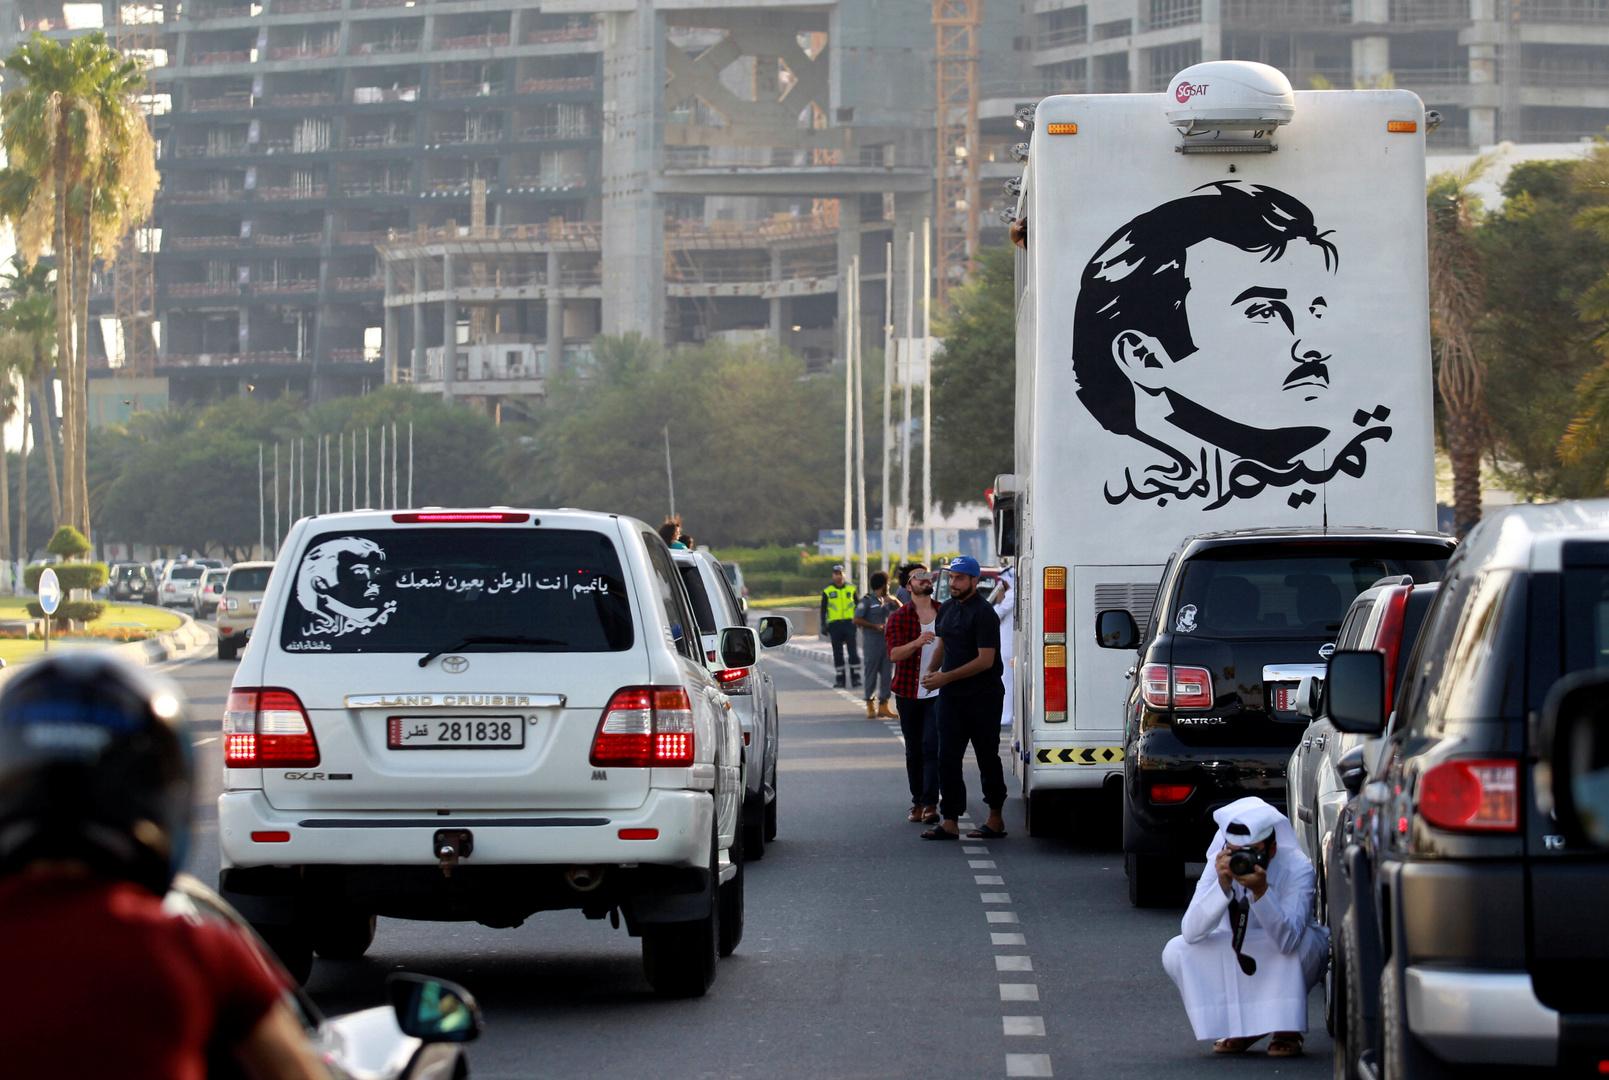 صحيفة قطرية تتراجع عن تقريرها حول تعديل قانون العقوبات بعد ضجة واسعة